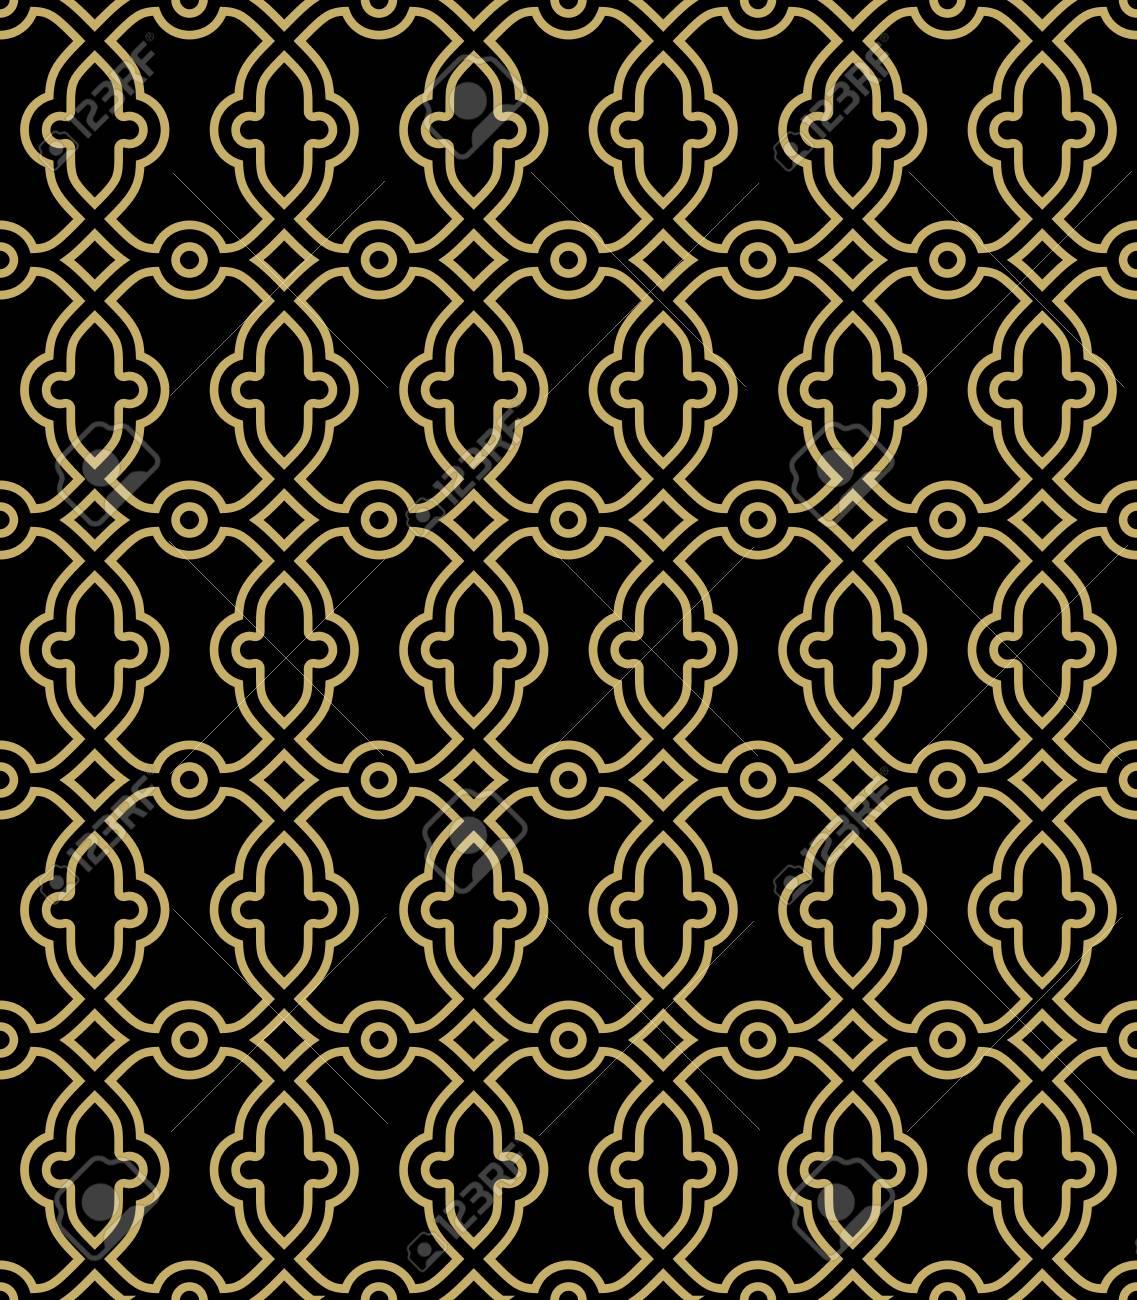 細かい幾何学模様 壁紙や背景のシームレスな黄金グリル の写真素材